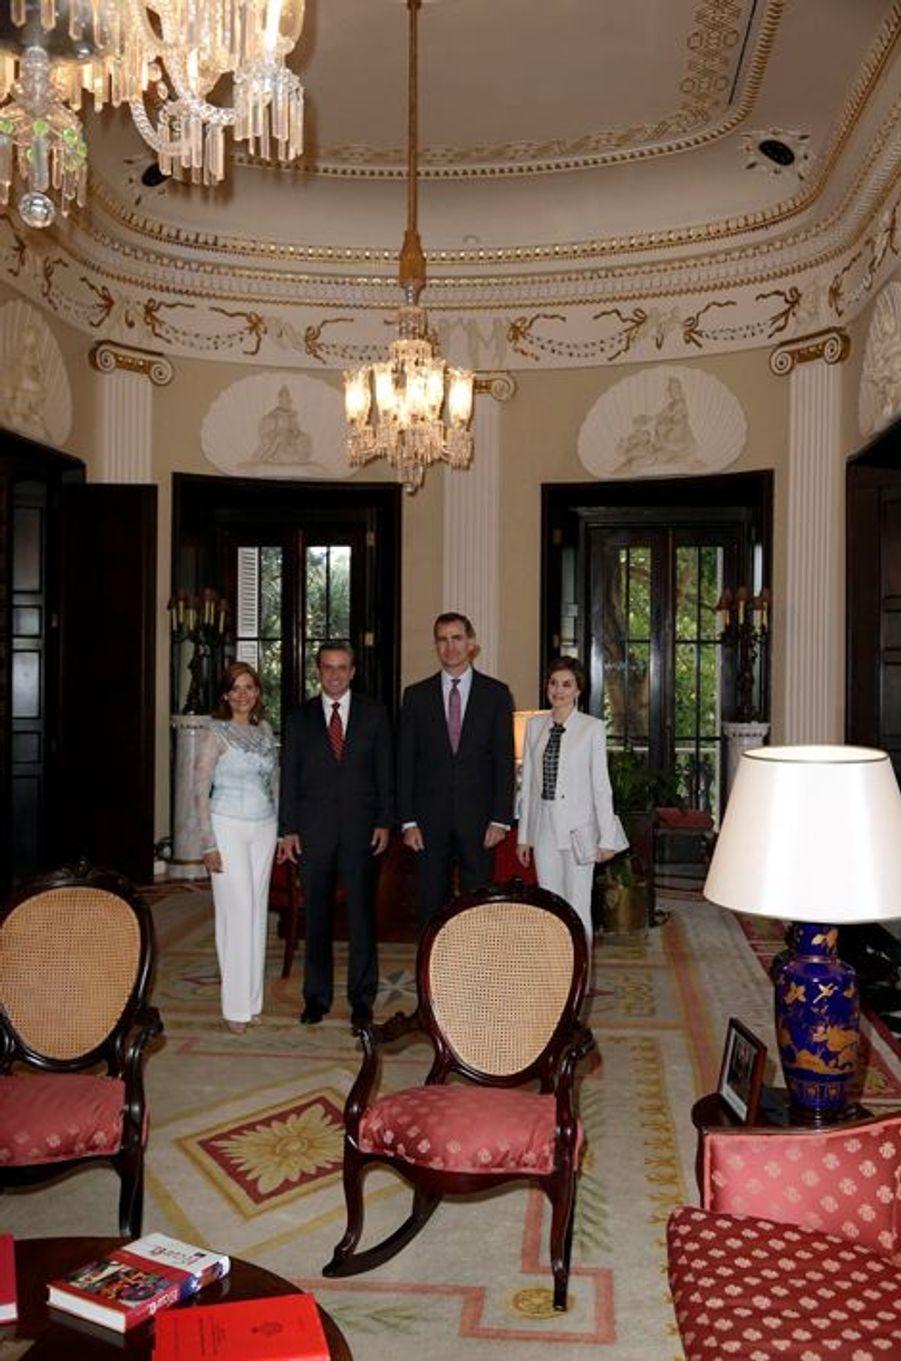 La reine Letizia et le roi Felipe VI d'Espagne à Porto Rico avec le gouverneur de l'île et sa femme, le 15 mars 2016